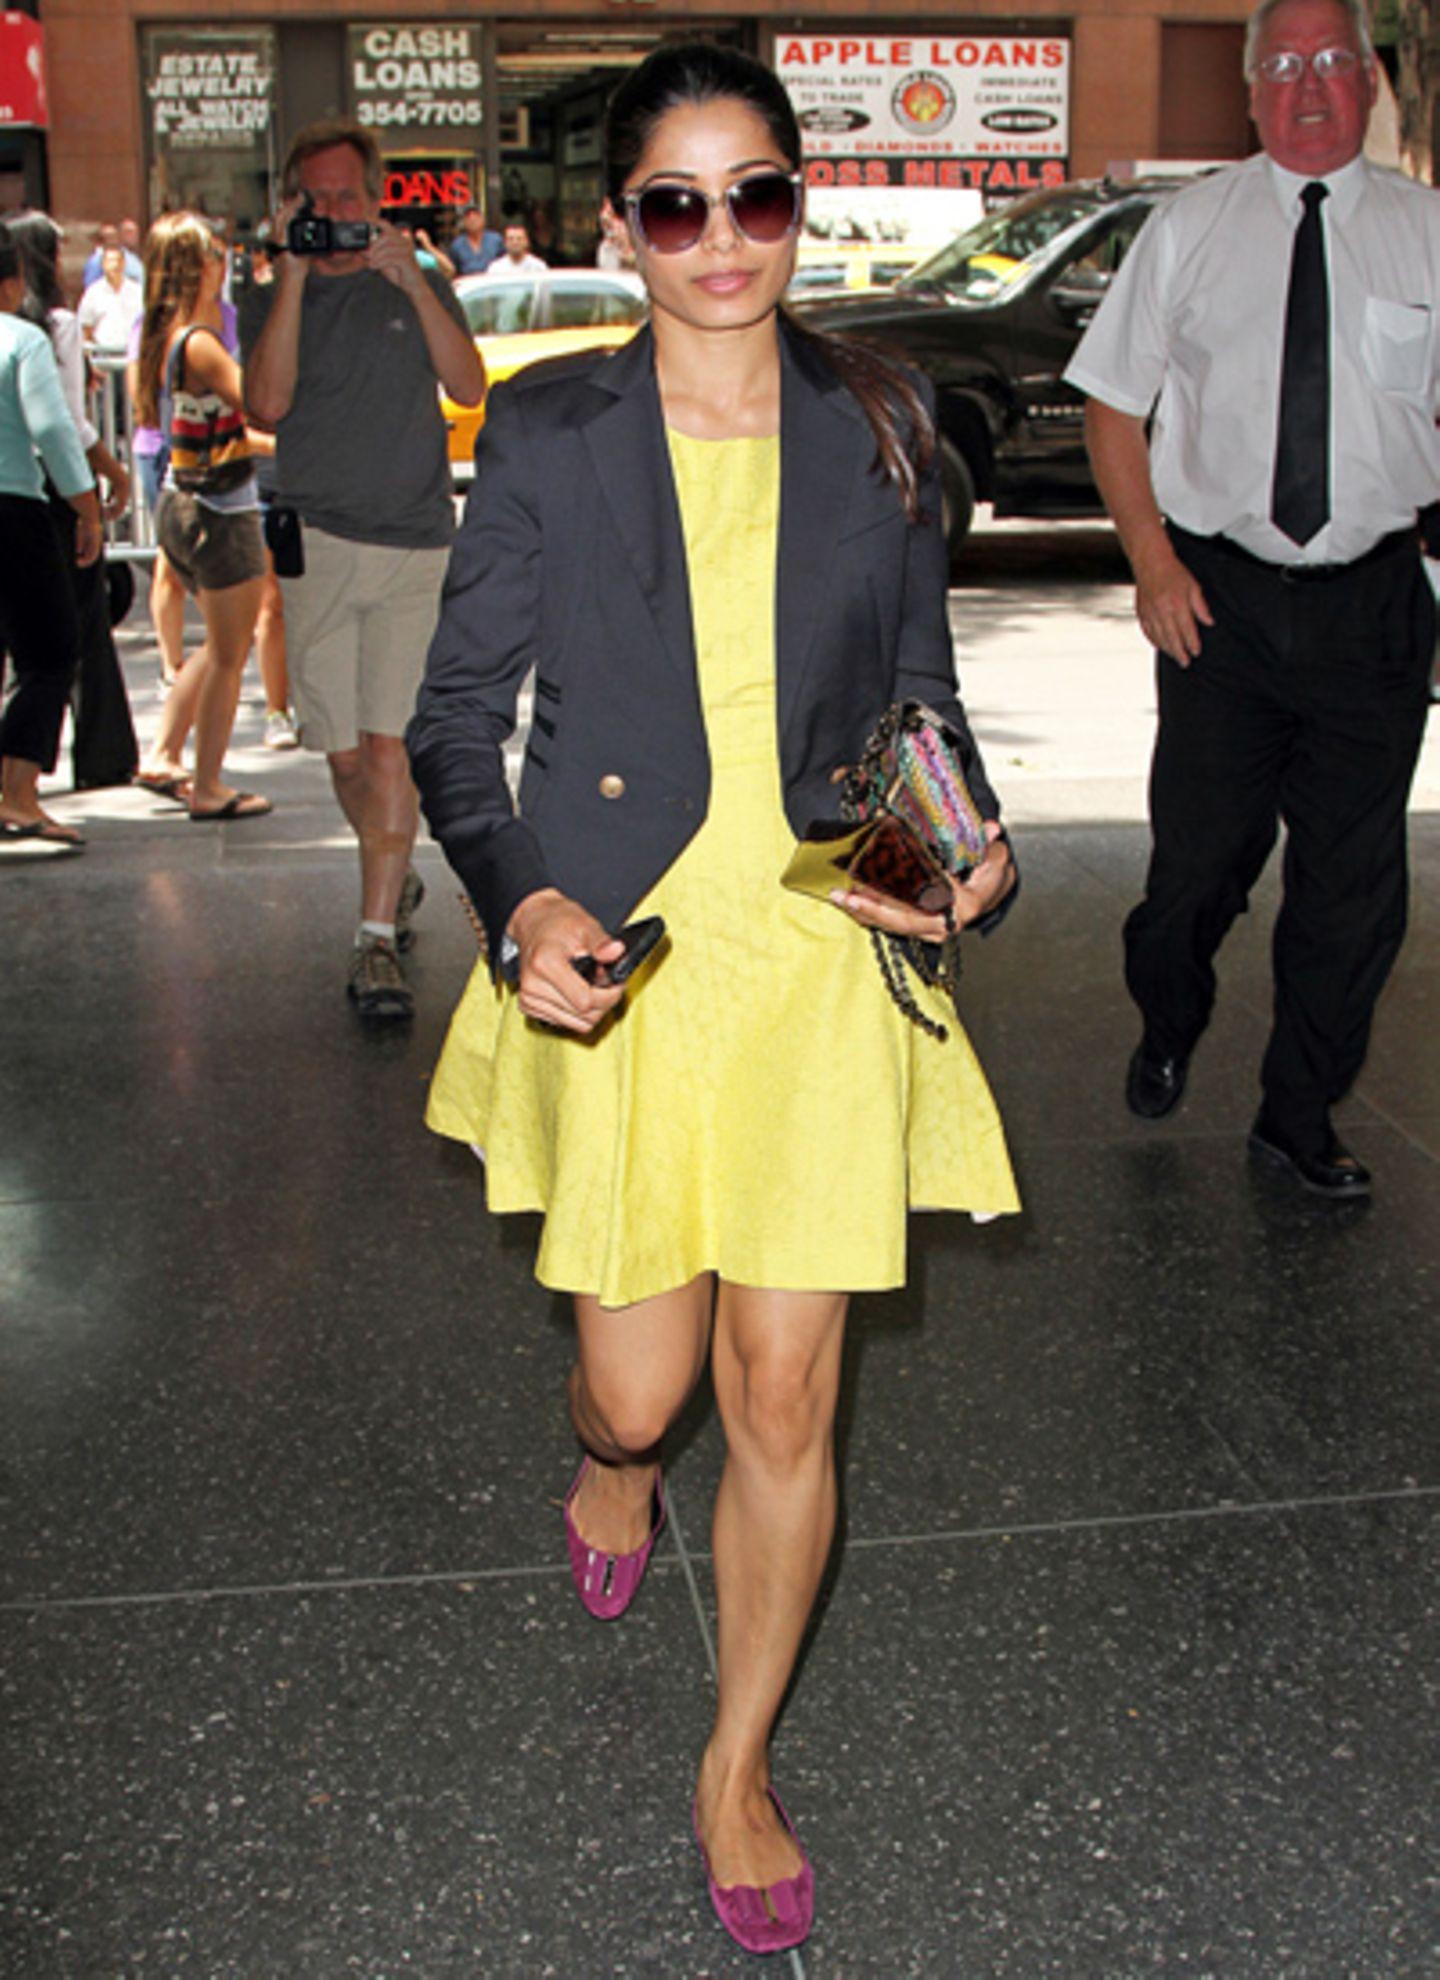 Slumdog-Millionär-Darstellerin Freida Pinto ist in New York mit einem gelben Kleid von Rachel Roy unterwegs. Dazu kombiniert sie